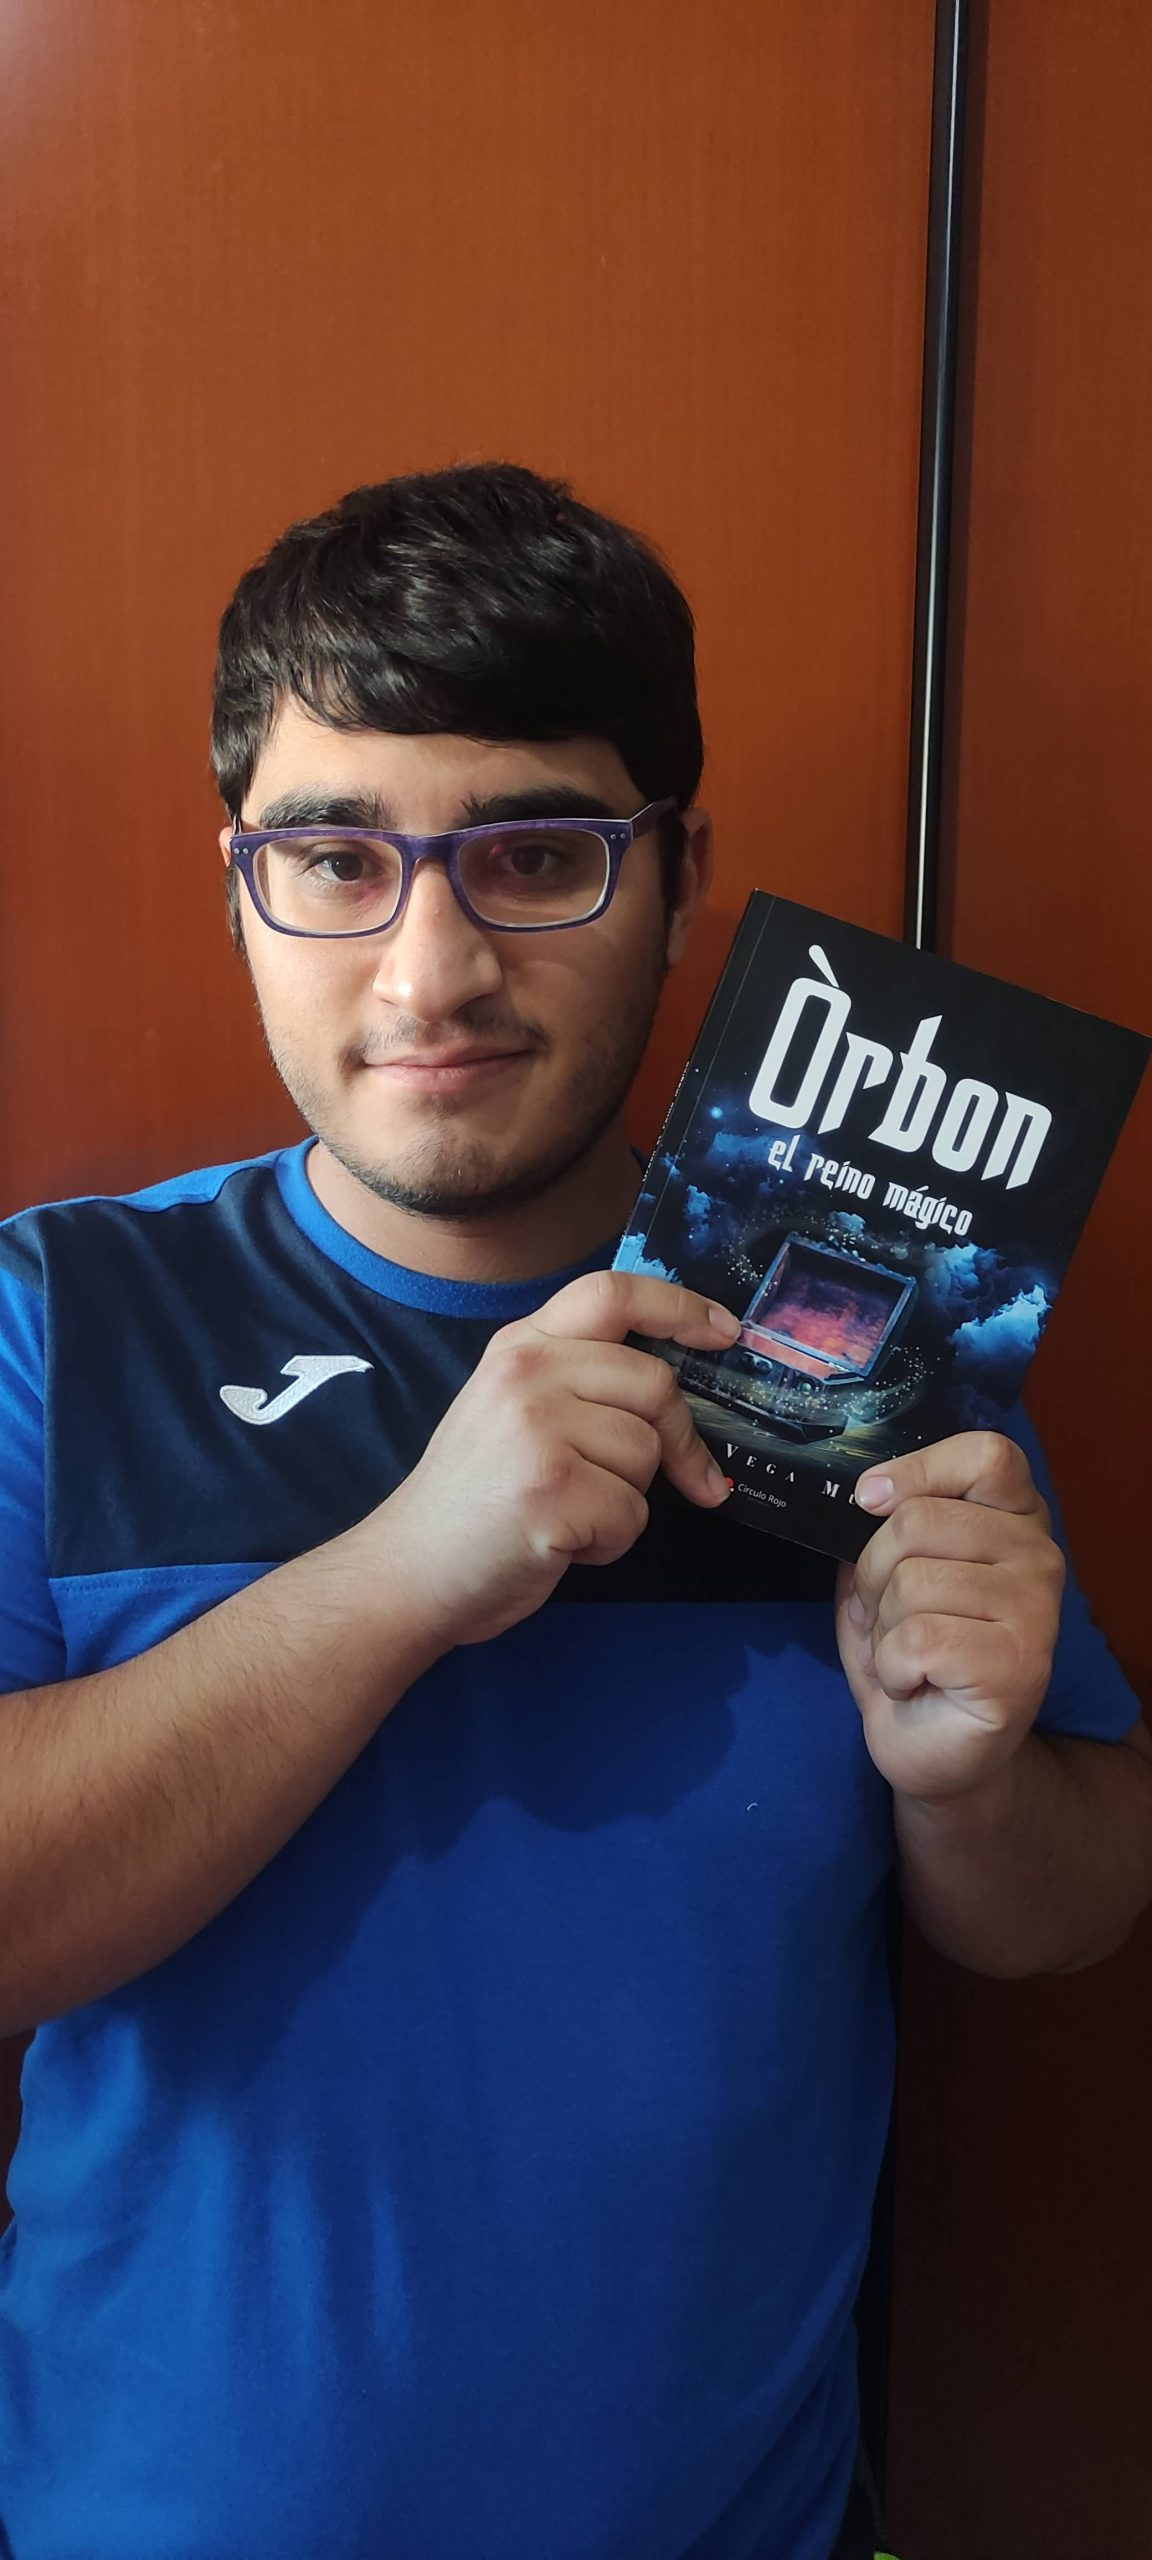 El joven escritor Jorge Vega nos presenta su primera novela: «Òrbon, el reino mágico»